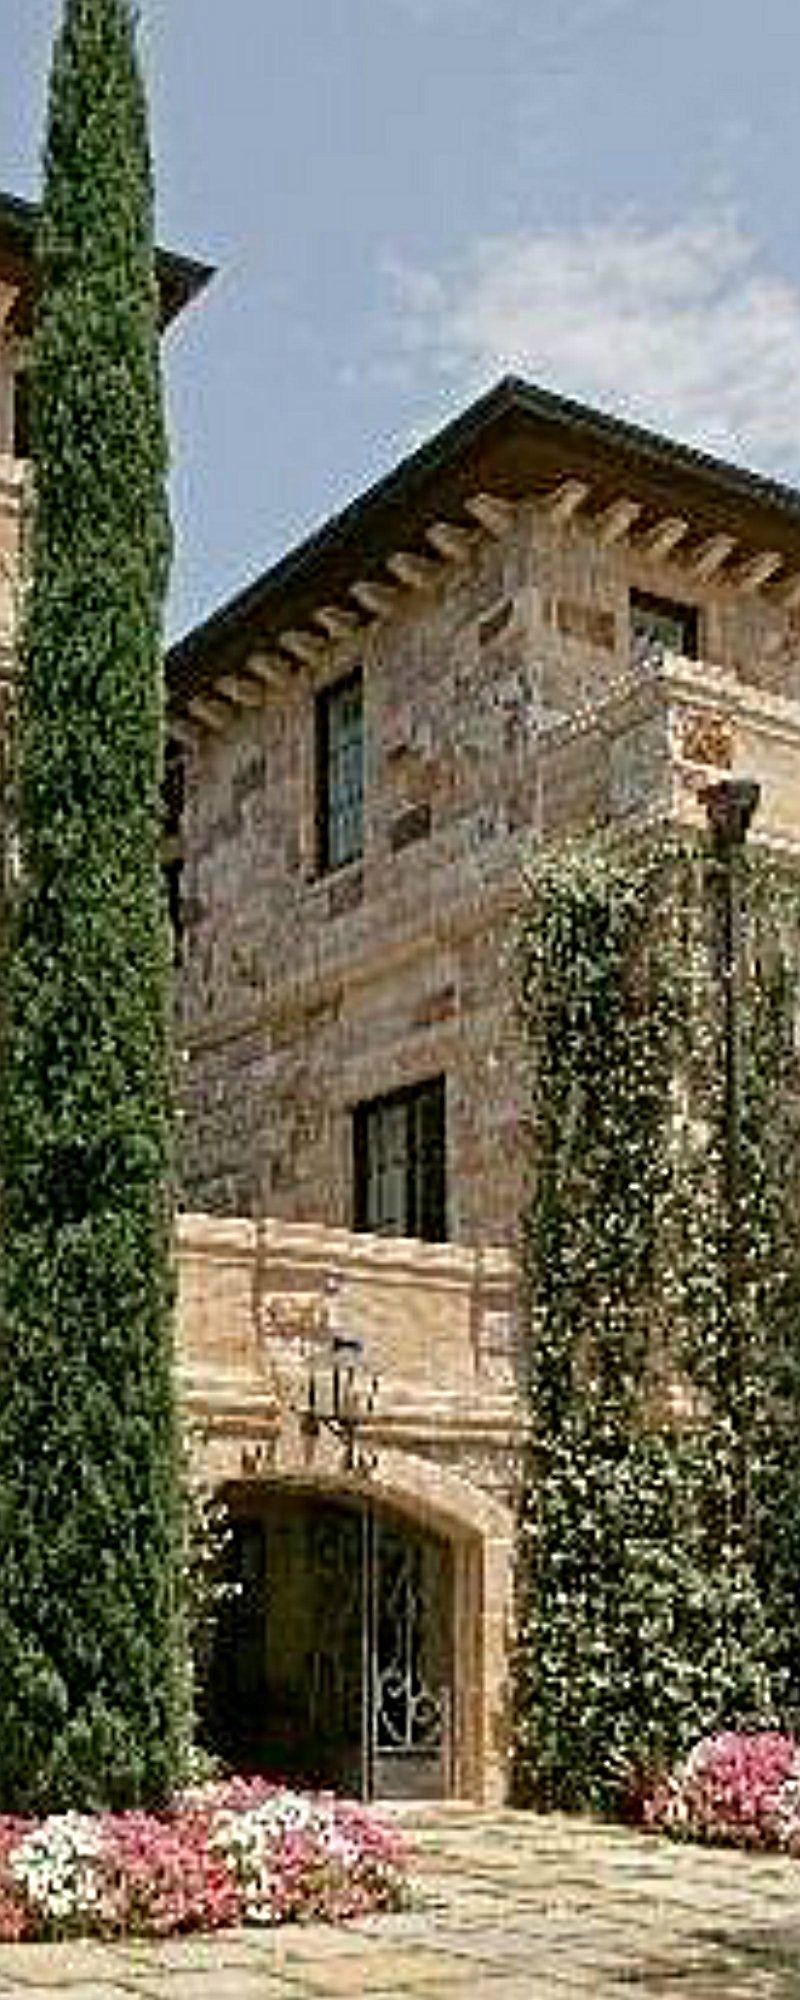 Tuscan tuscan mediterranean homes decors pinterest curb